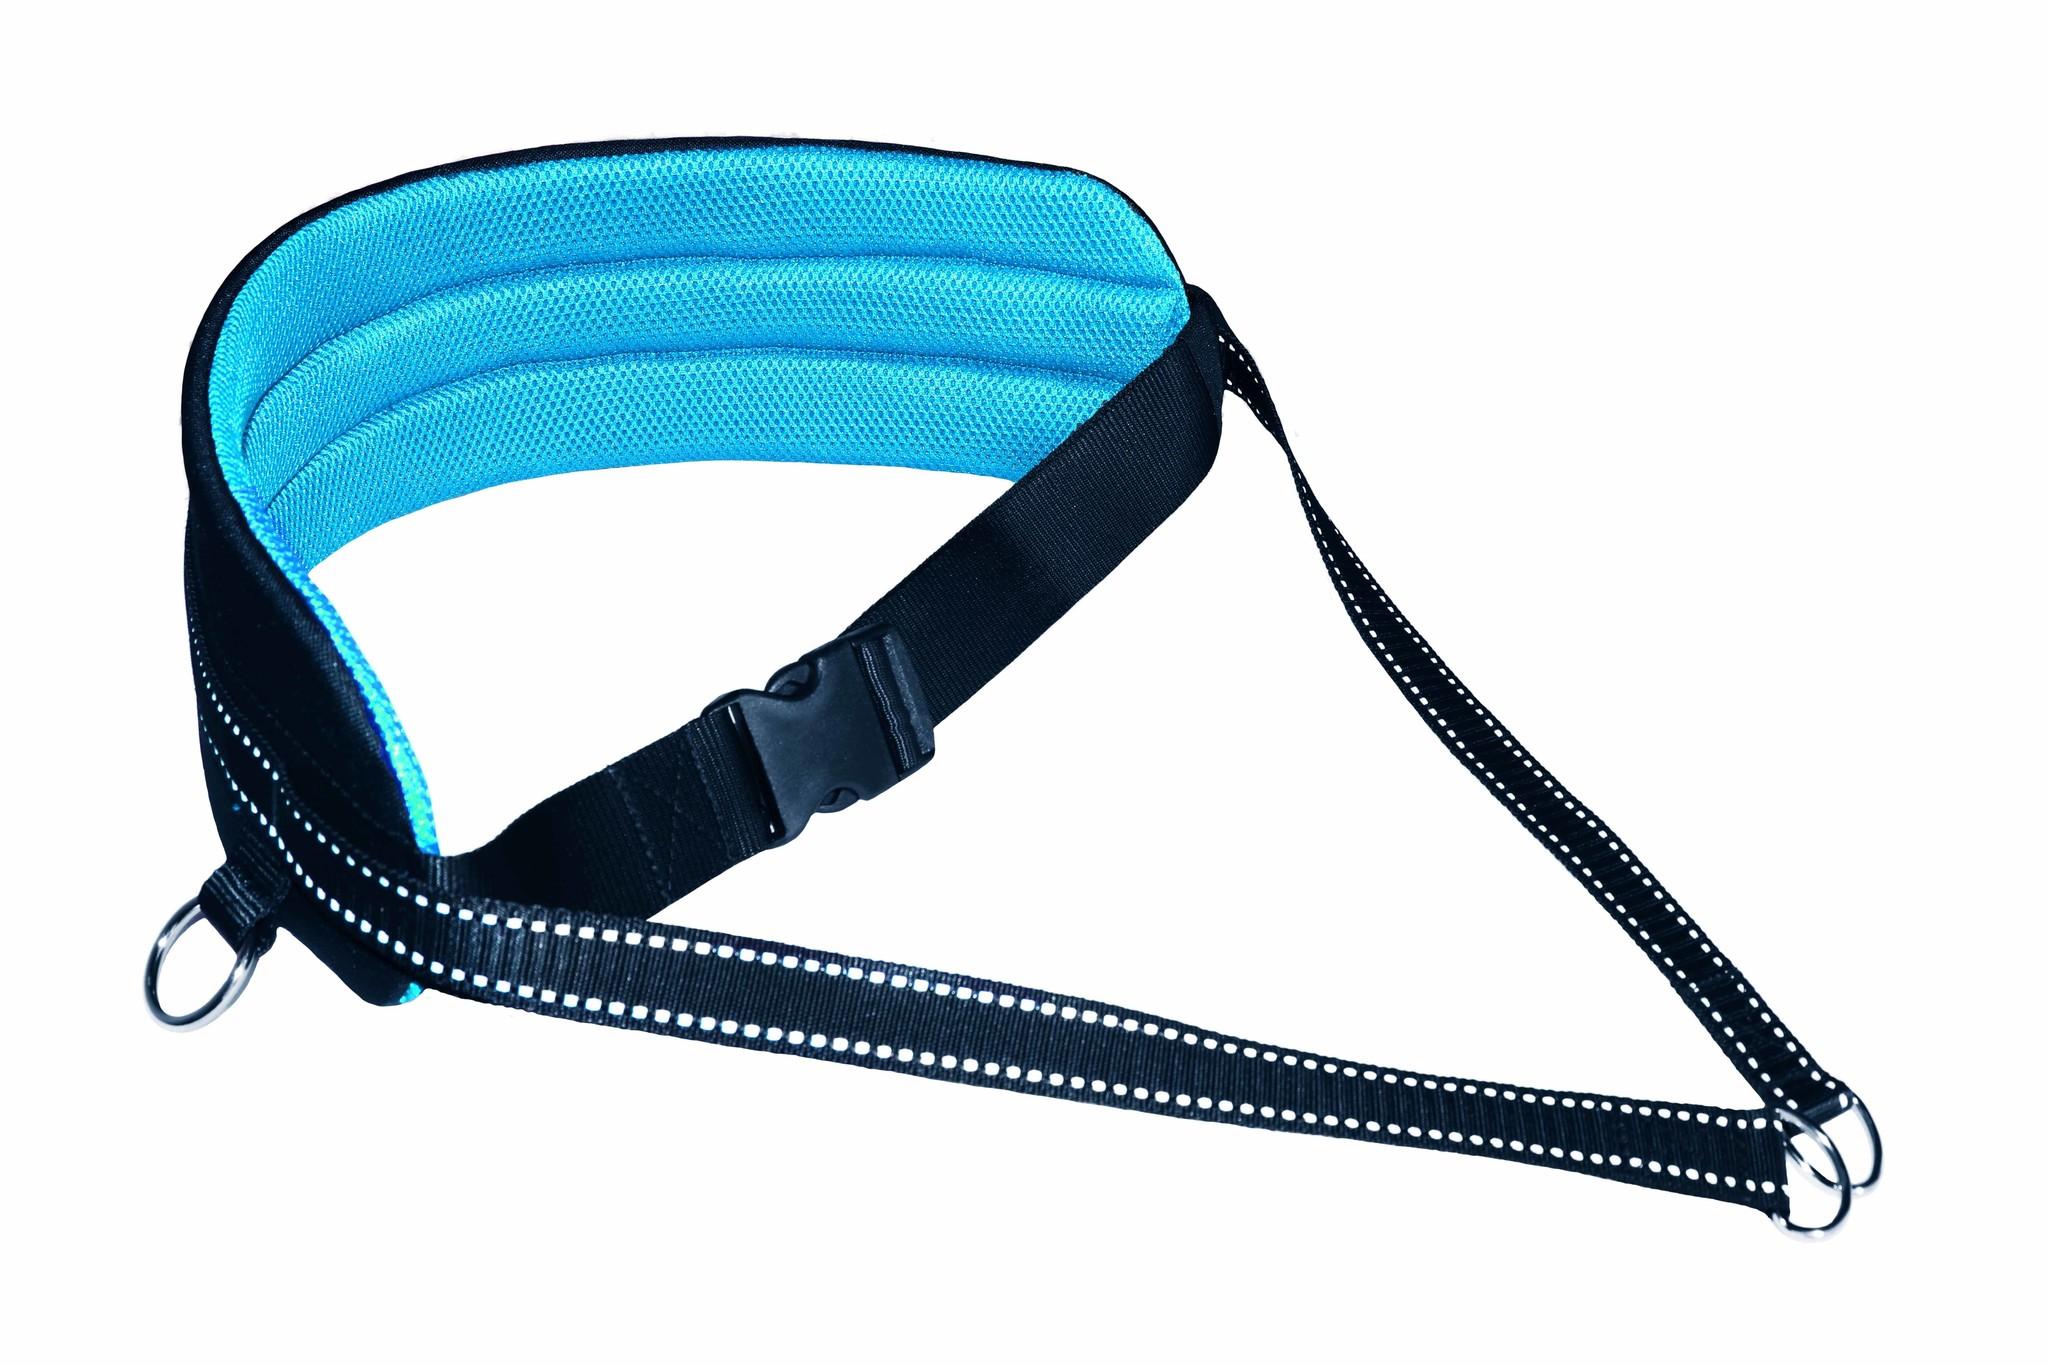 LasaLine LasaLine Bauchgurt mit Reflektoren  in hell Schwarz/Blauer Airmesh-Polsterung - FBA